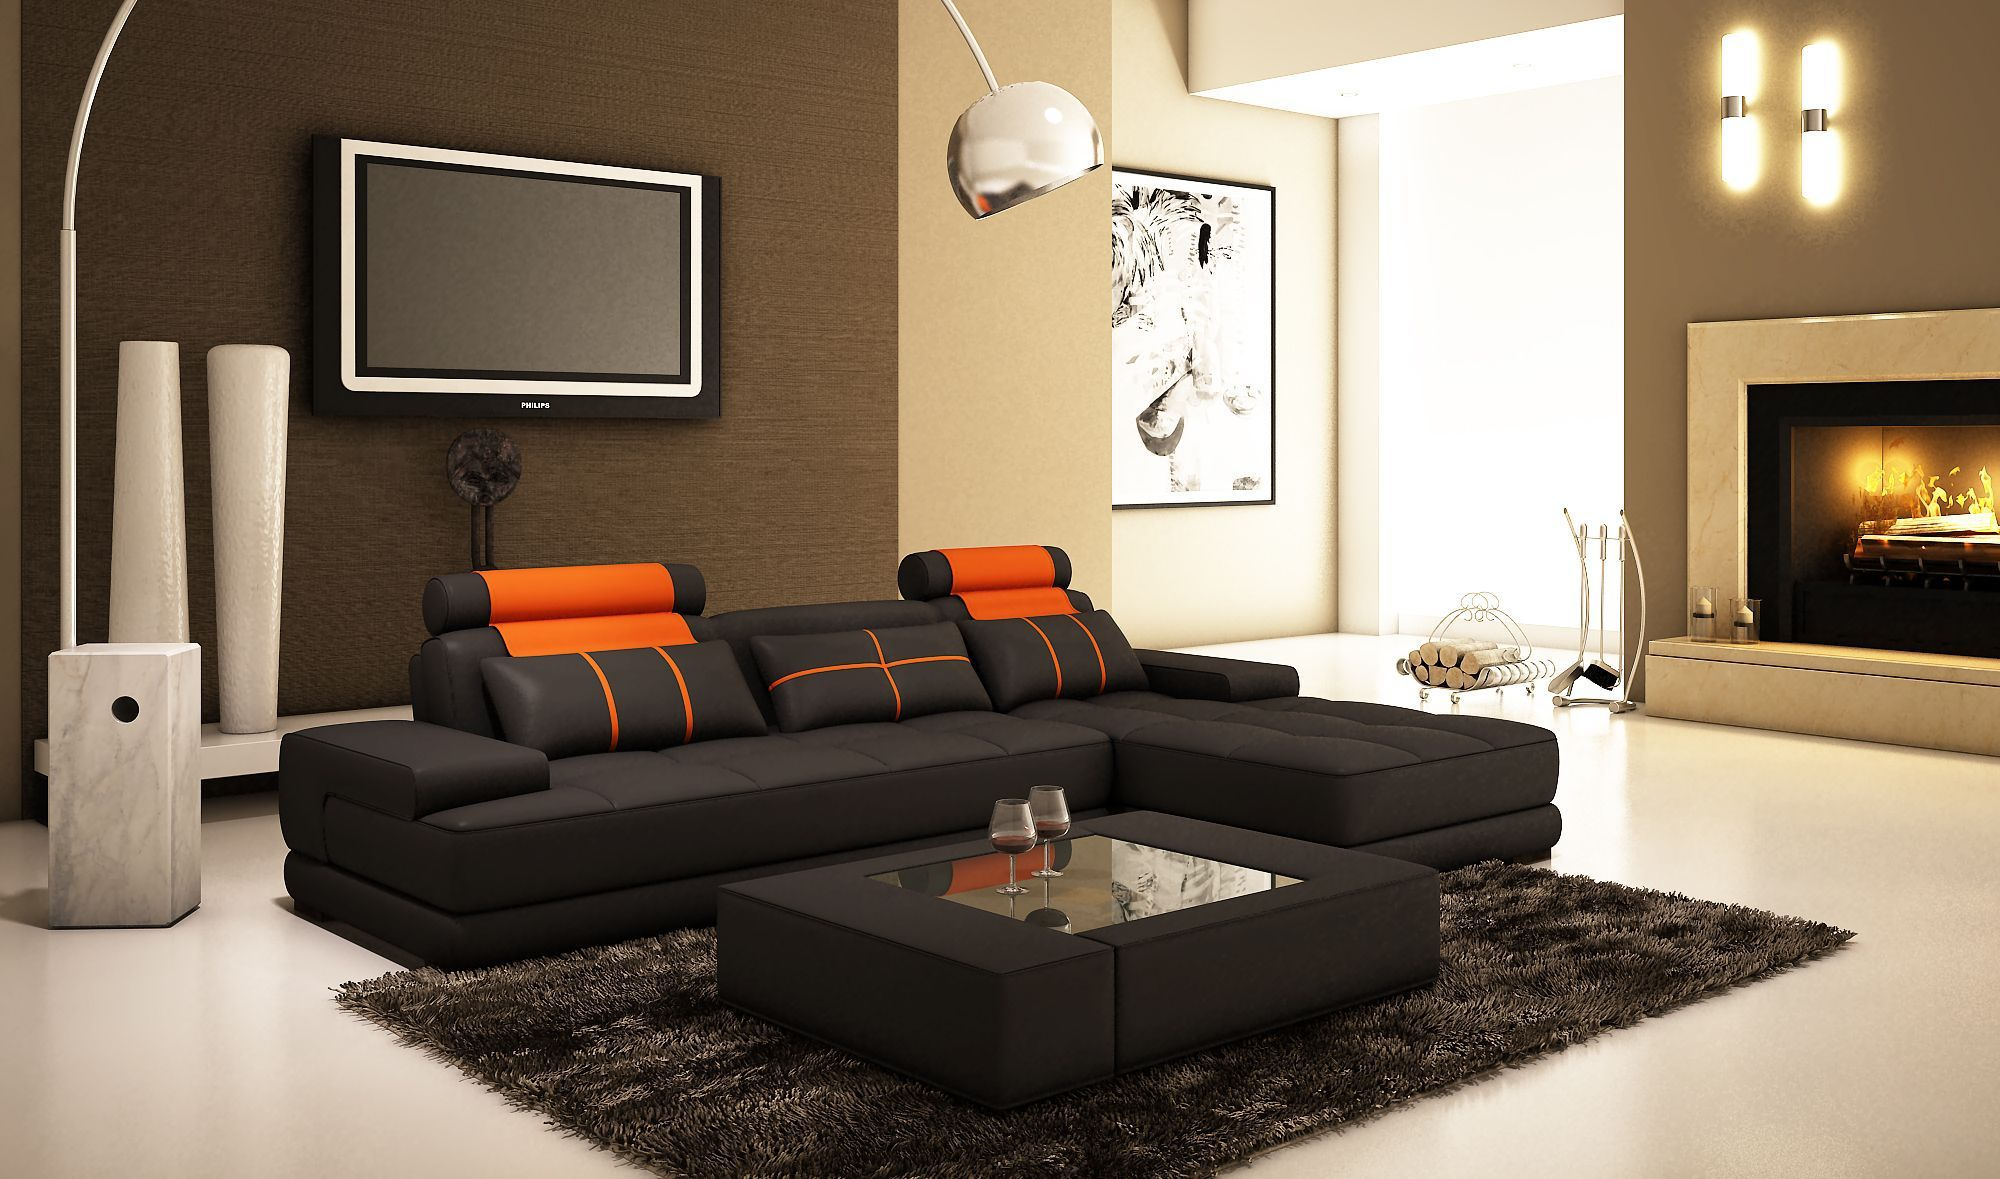 Epingle Par Christophe Sur Home Decor Meuble Salon Design Petit Meuble Et Meuble Salon